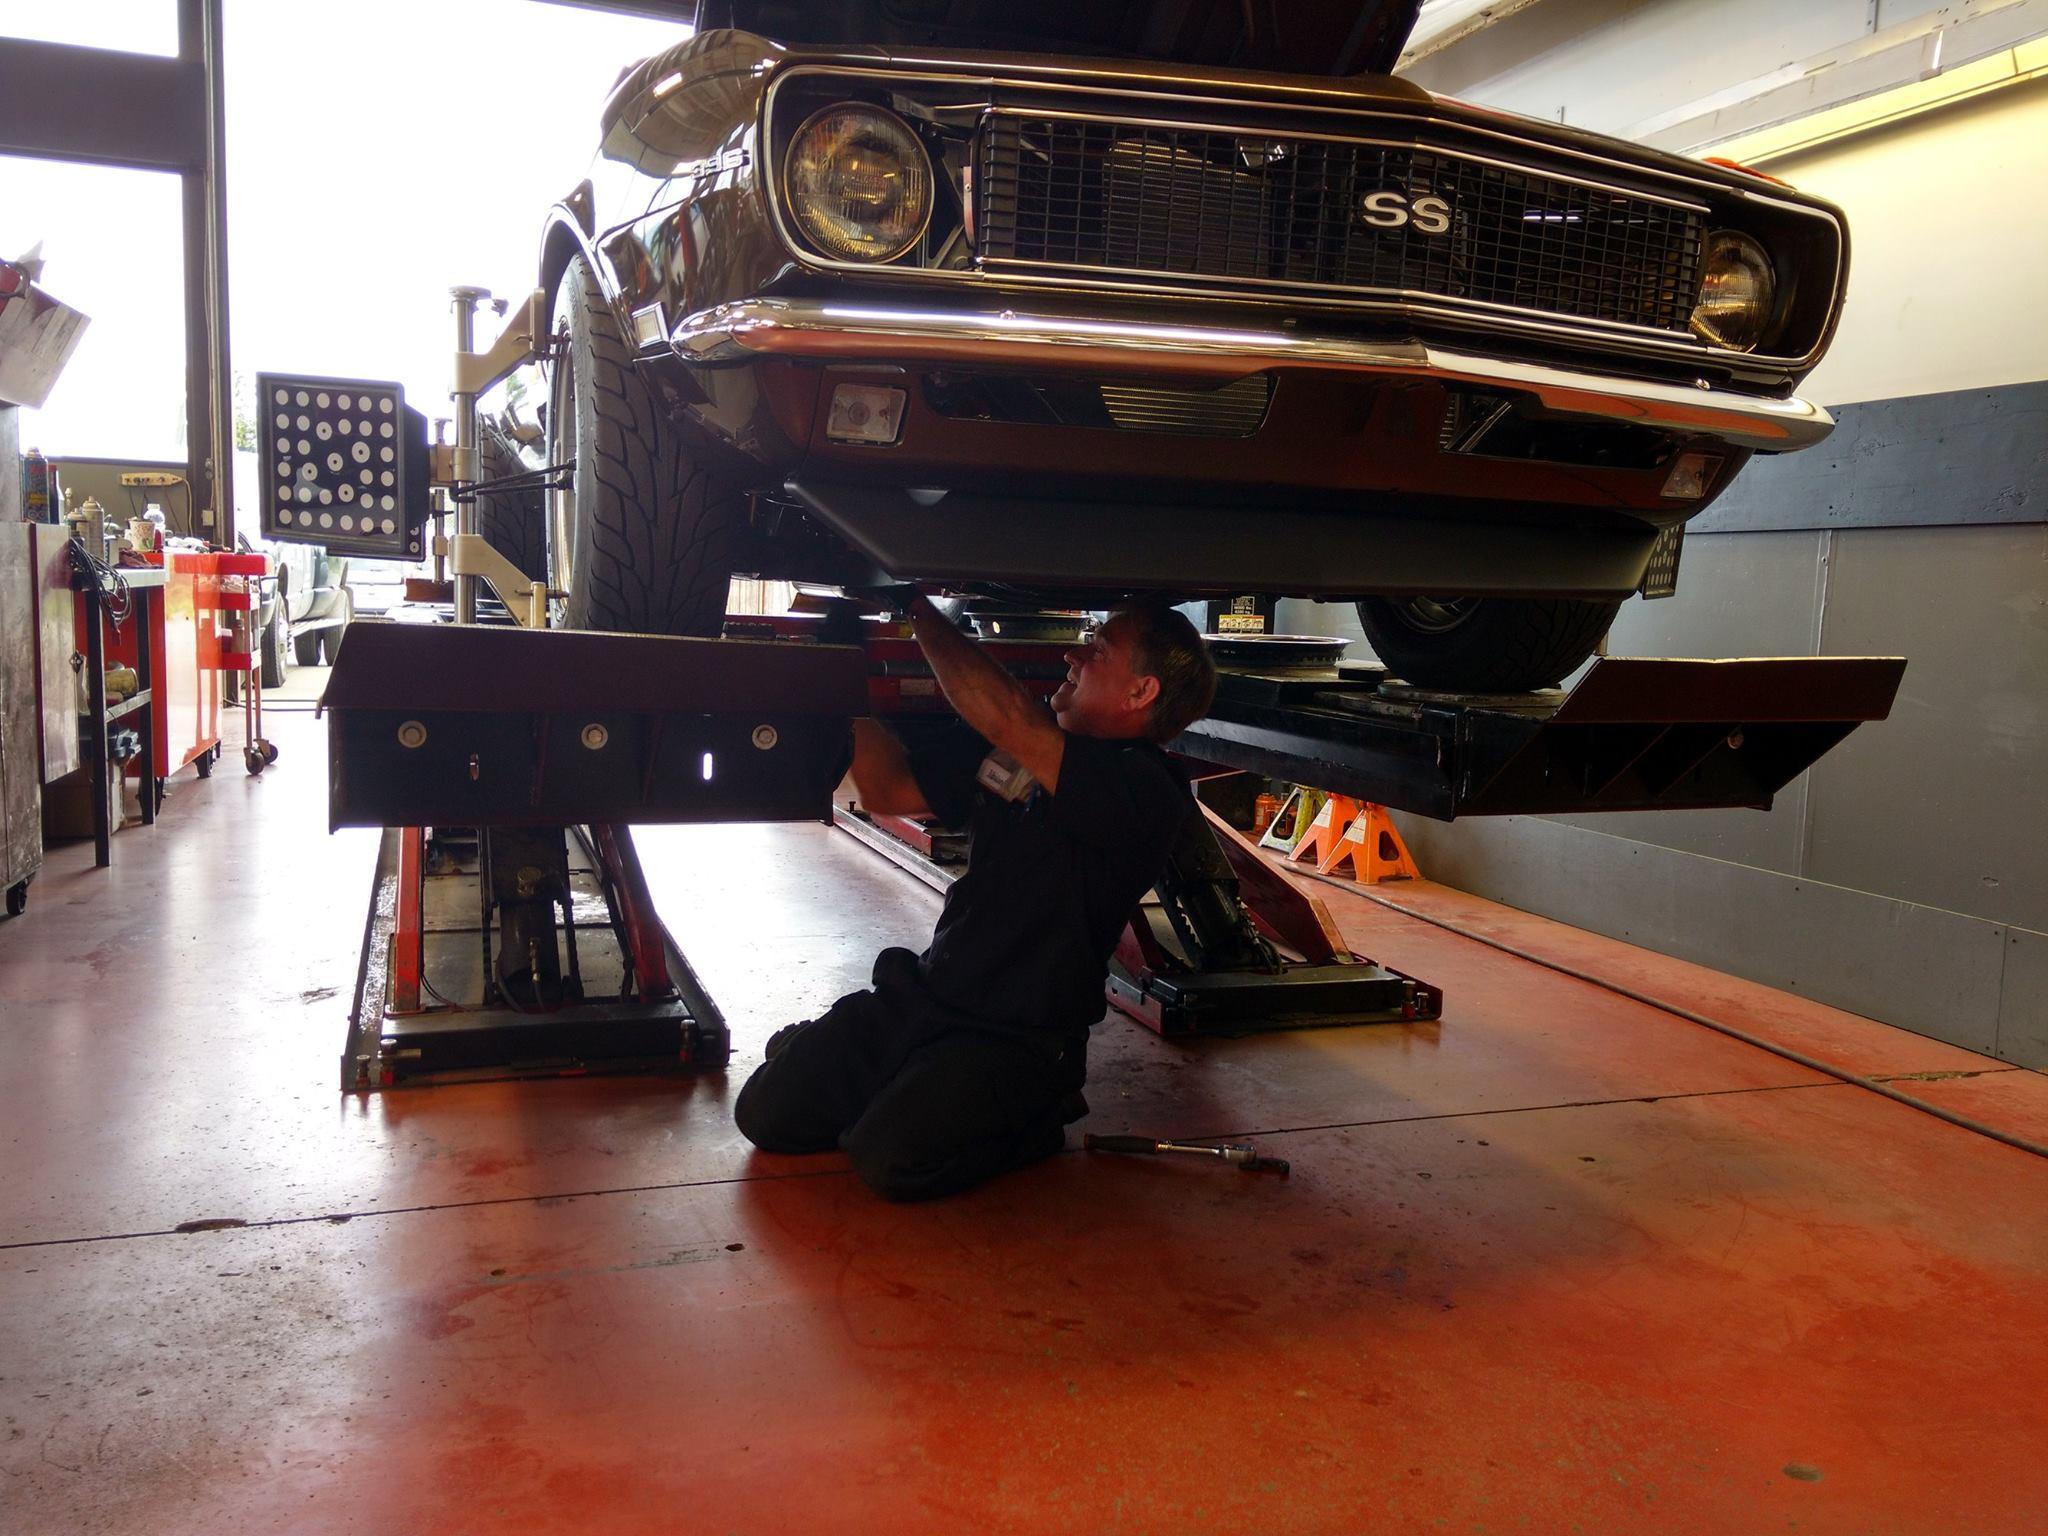 Auto repair services